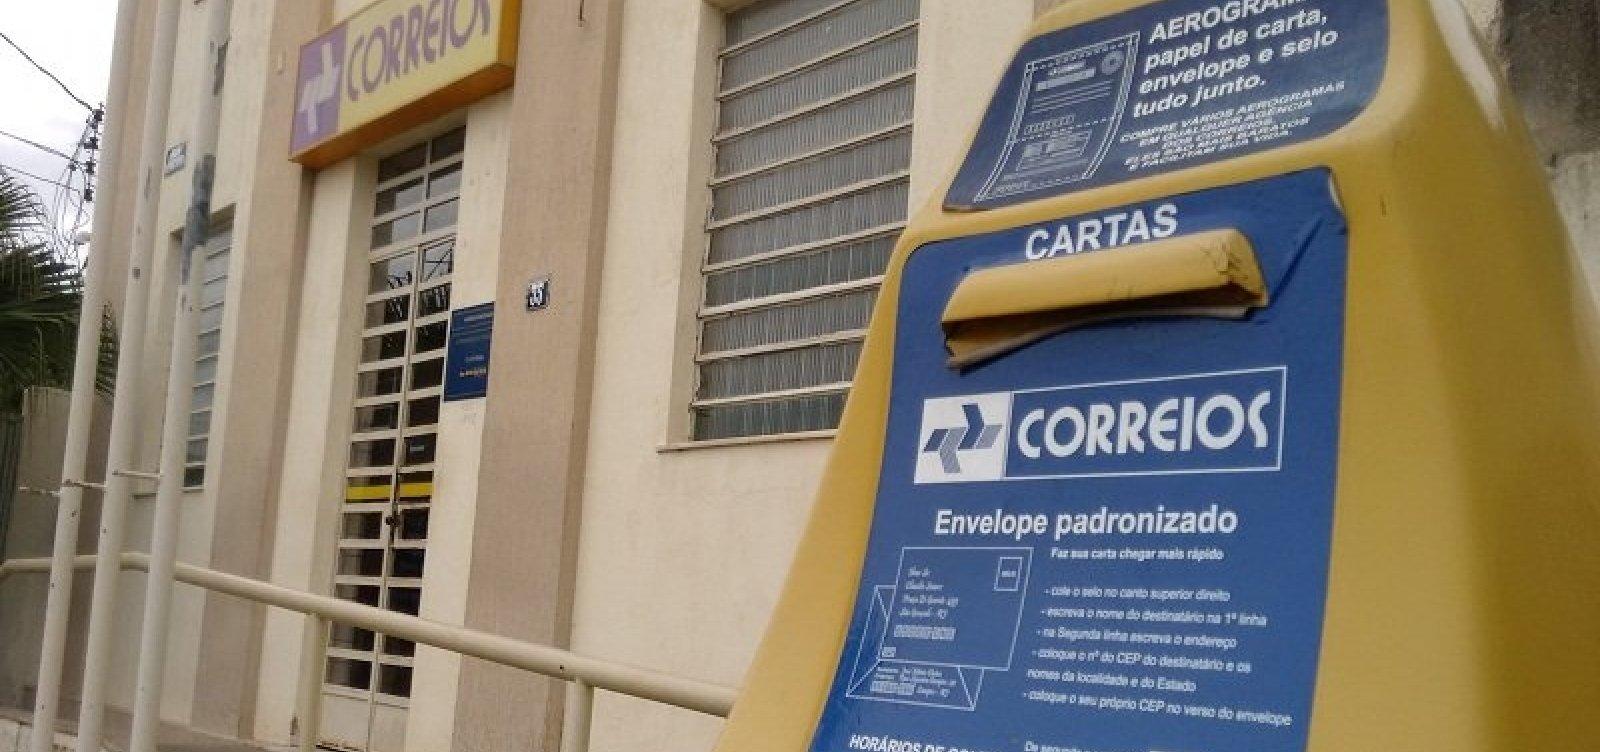 Brumado: Processo de cassação de prefeito 'desaparece' após ser postado em agência dos Correios